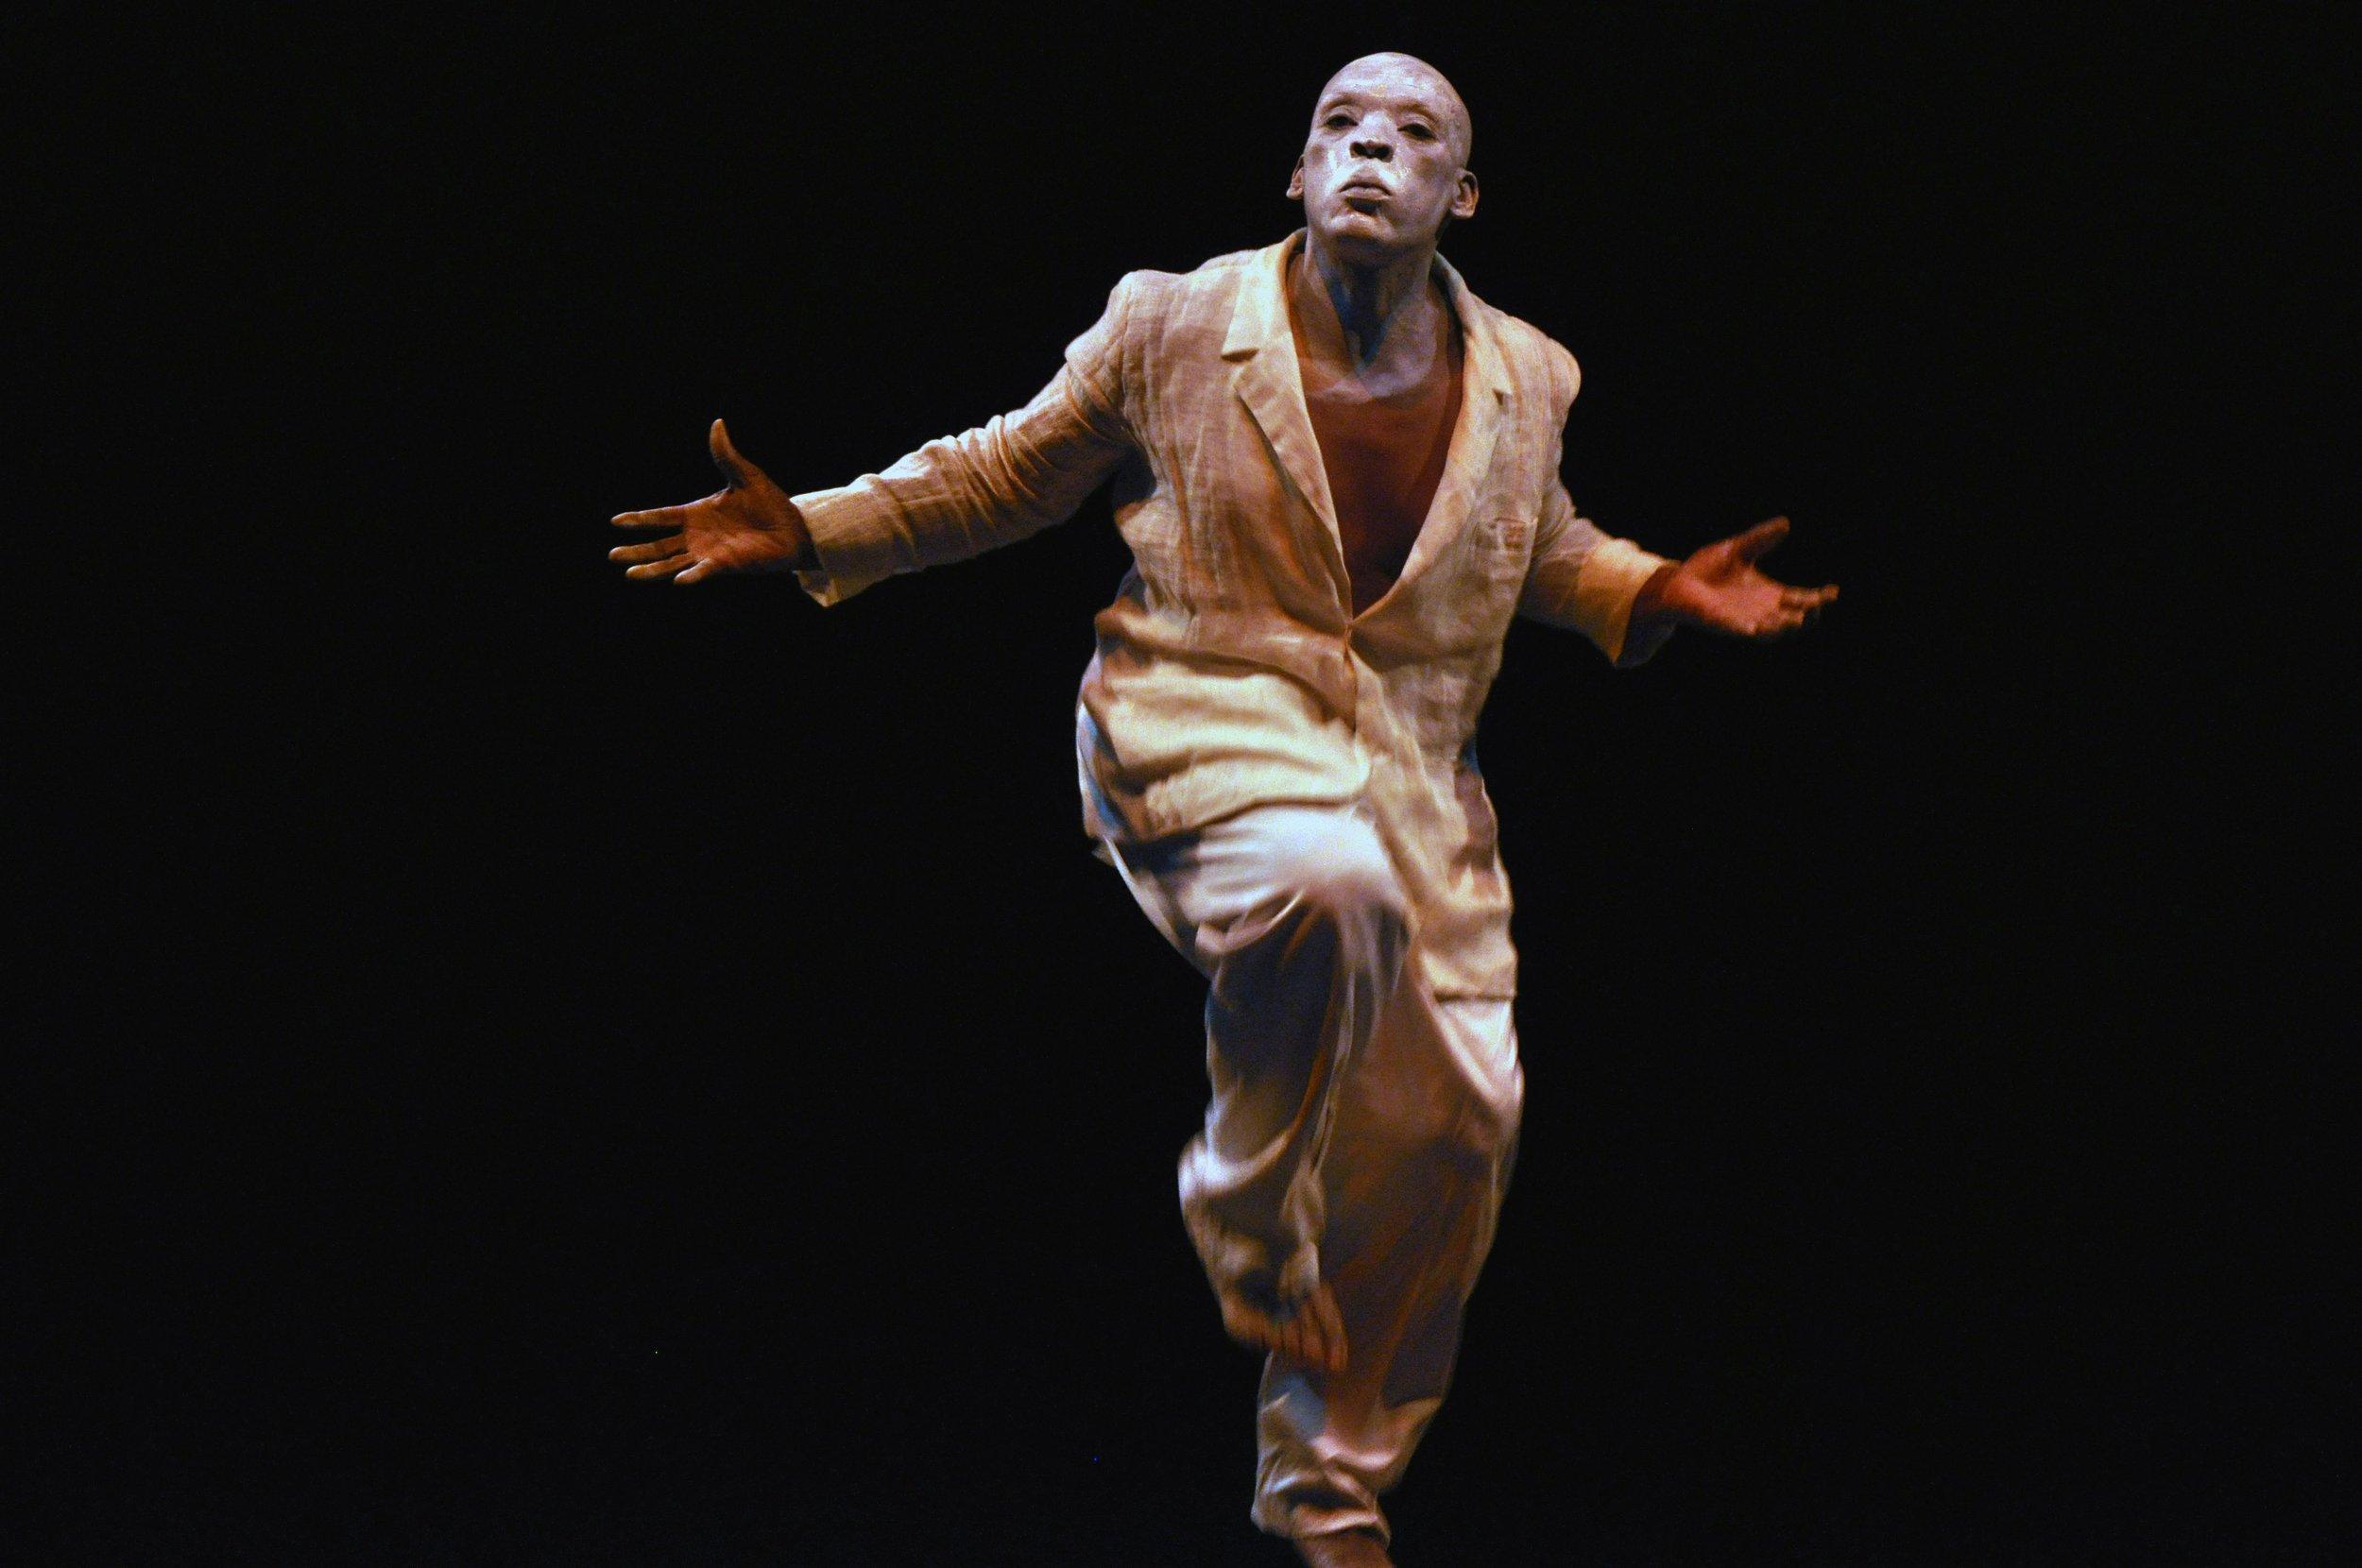 - 07.12.2017: Performance mit Vicent HarisdoNicht verpassen: Am 14. Dezember präsentieren wir um 19 Uhr neu in die Sammlung eingegangenen Egungun-Maskenanzüge aus Togo. Begleitet wird der Abend mit einer eindrucksvollen Choreografie des Tänzers Vincent Harisdo.